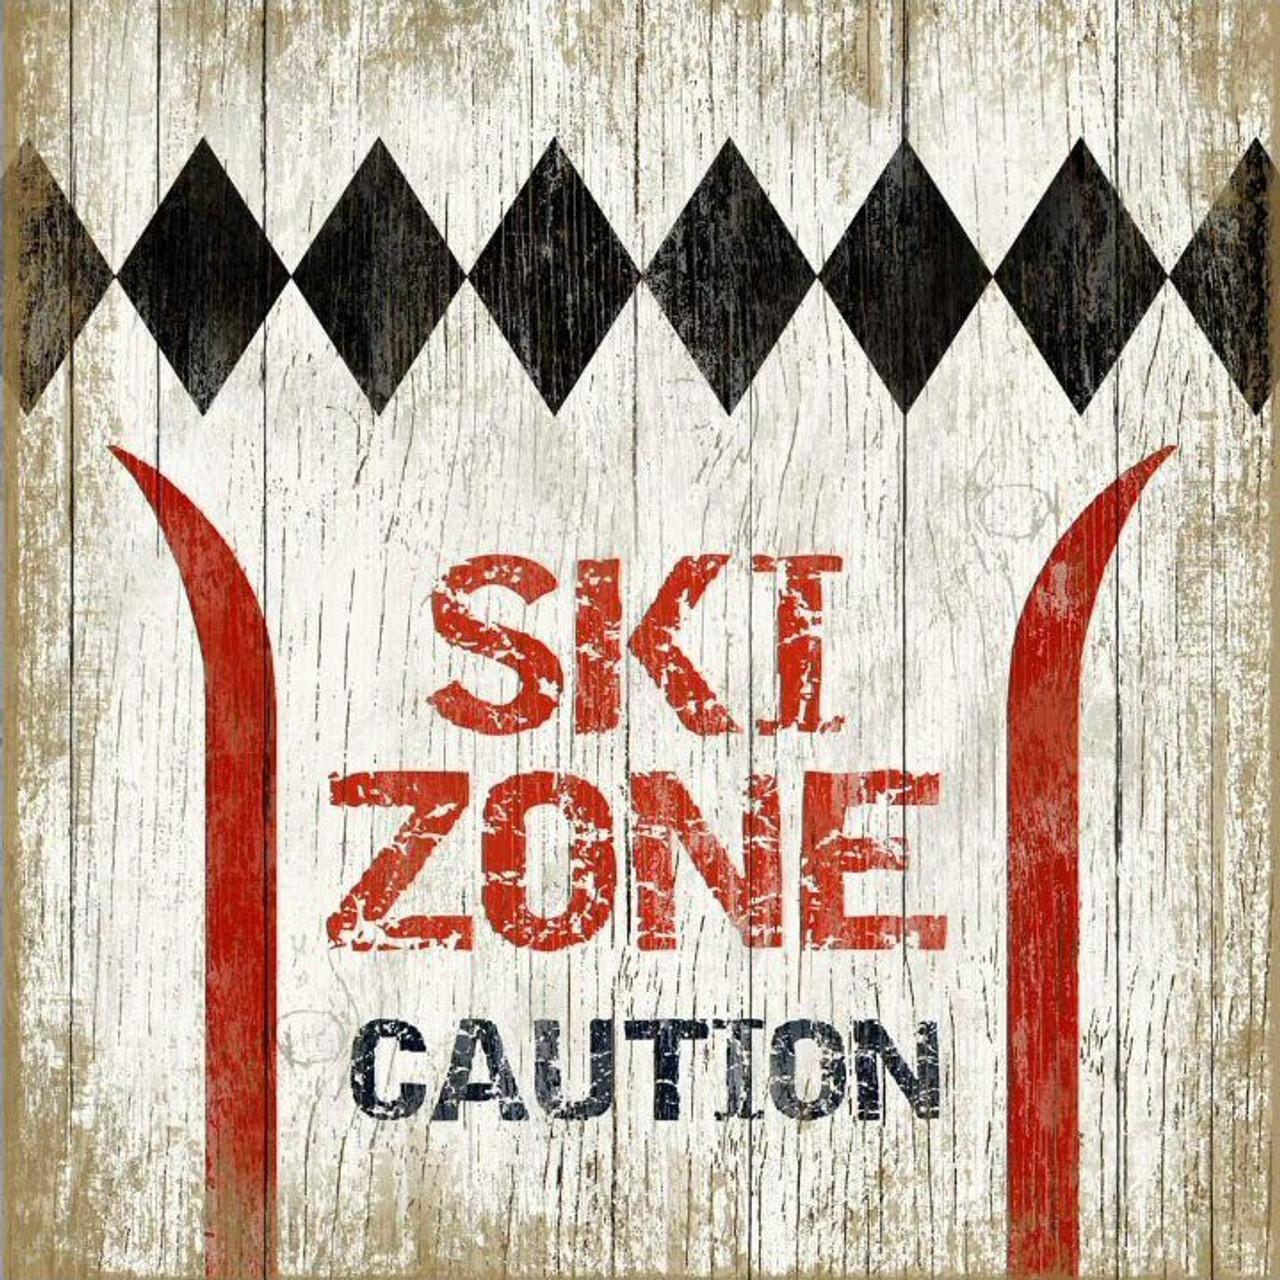 Skiing Metal Signs